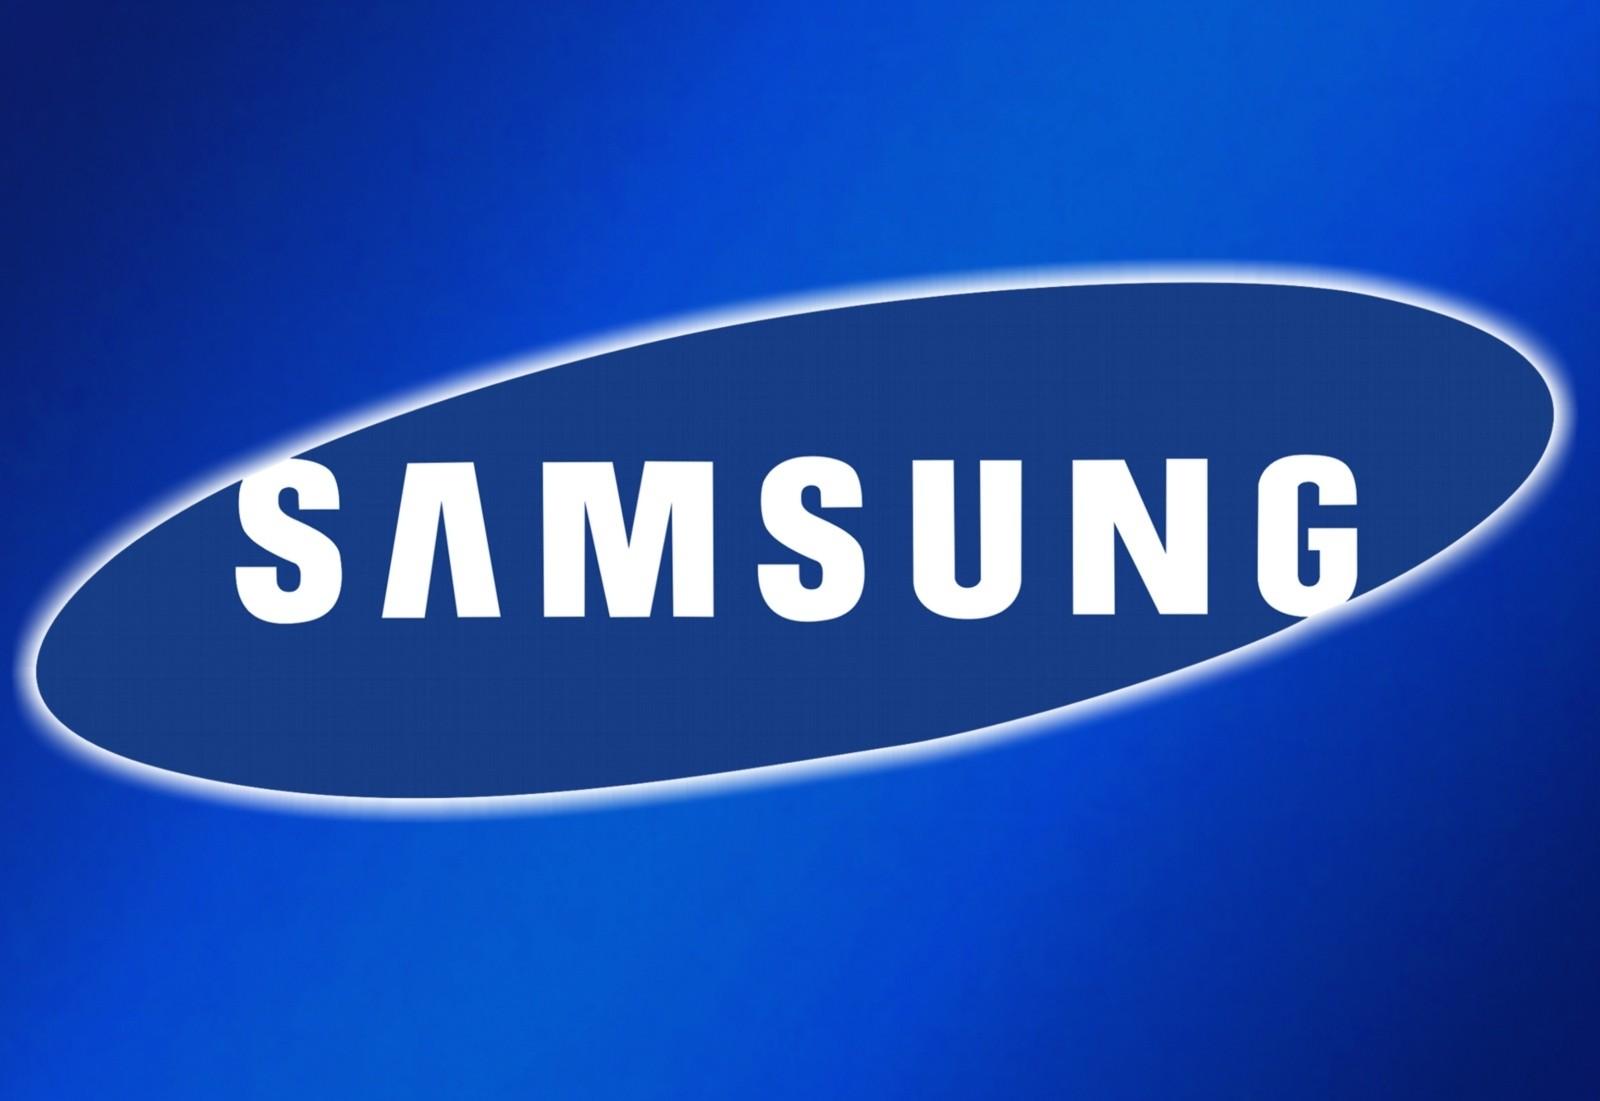 Самсунг будет поставлять полупроводники для элетрокаров Teslа